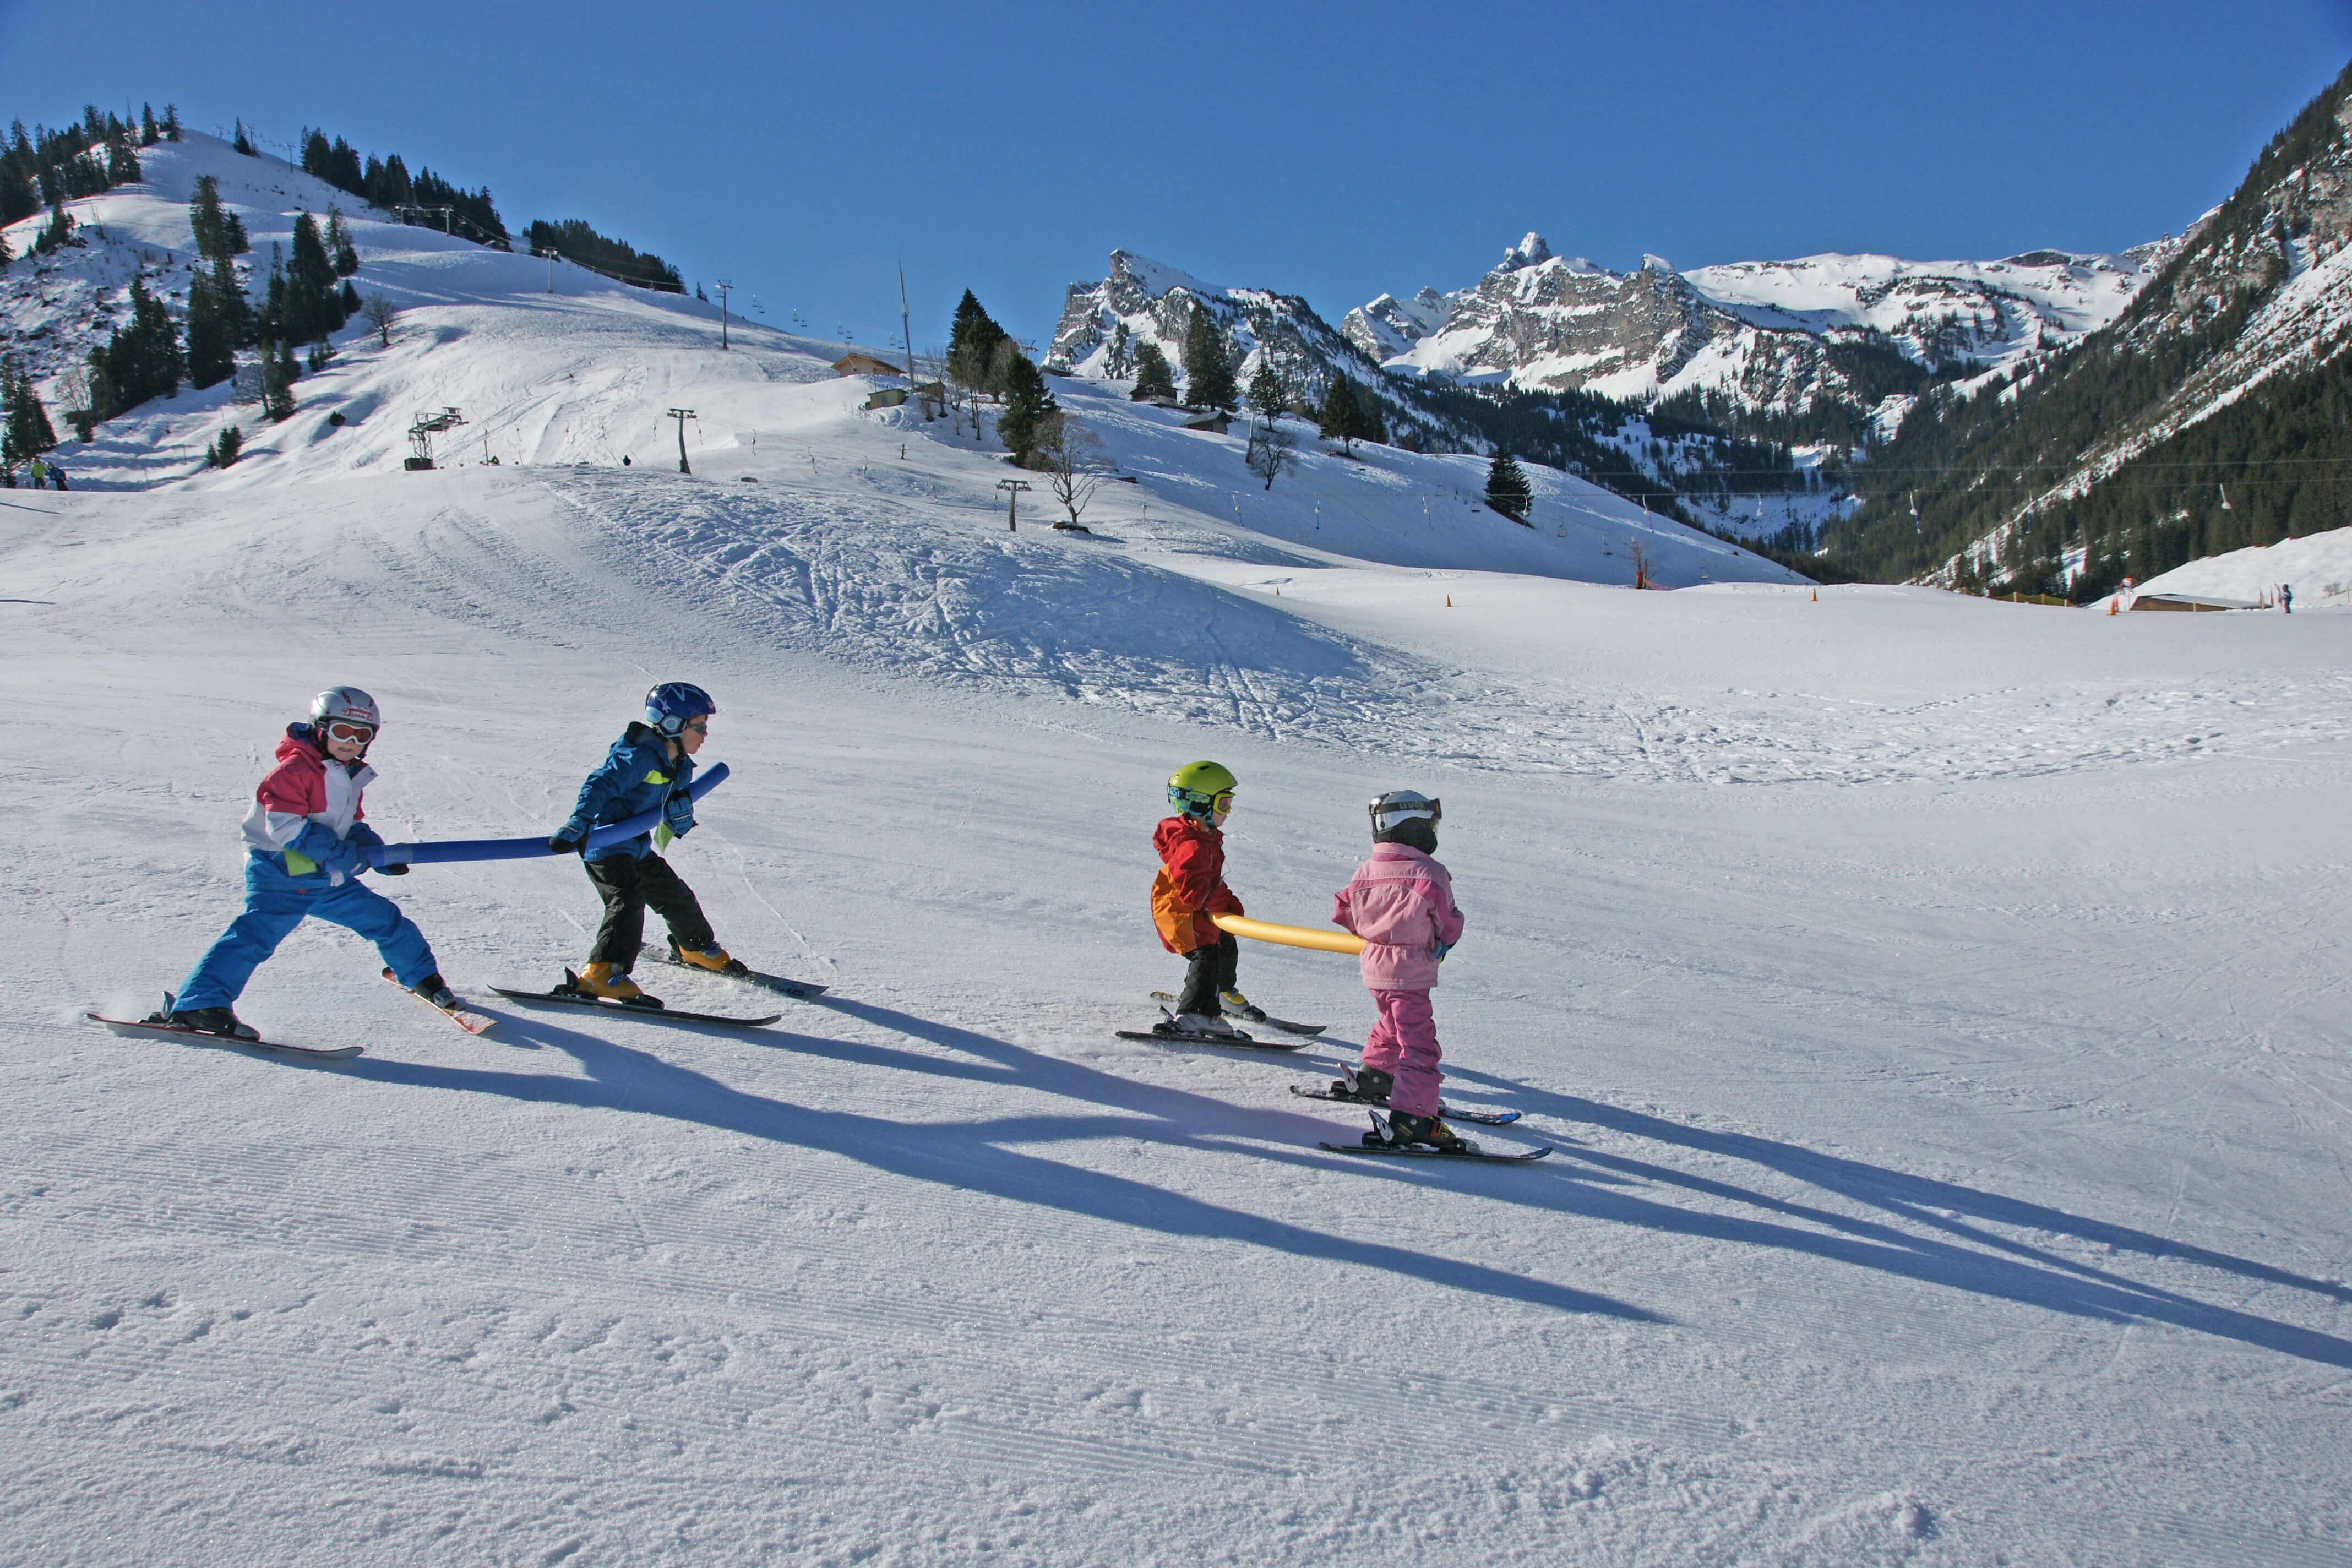 Spass mit anderen Kindern in der Skischule Grimmialp